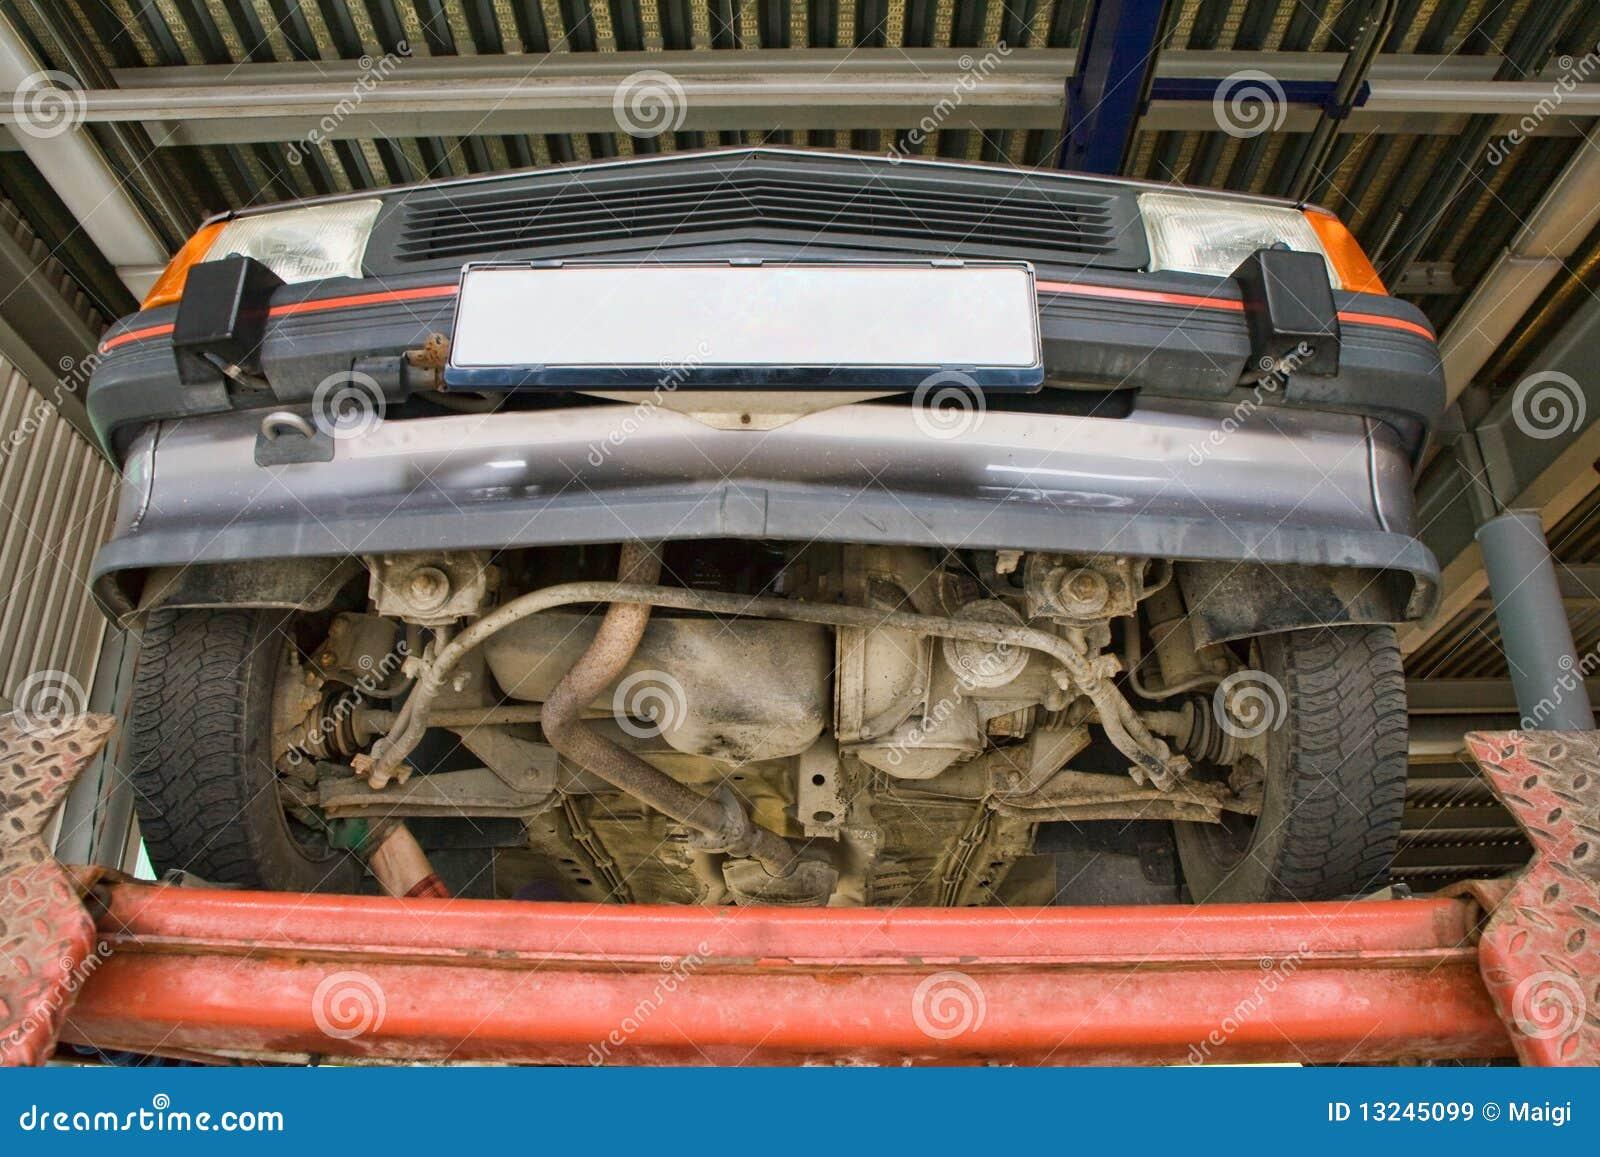 Automobile sur le levage de véhicule